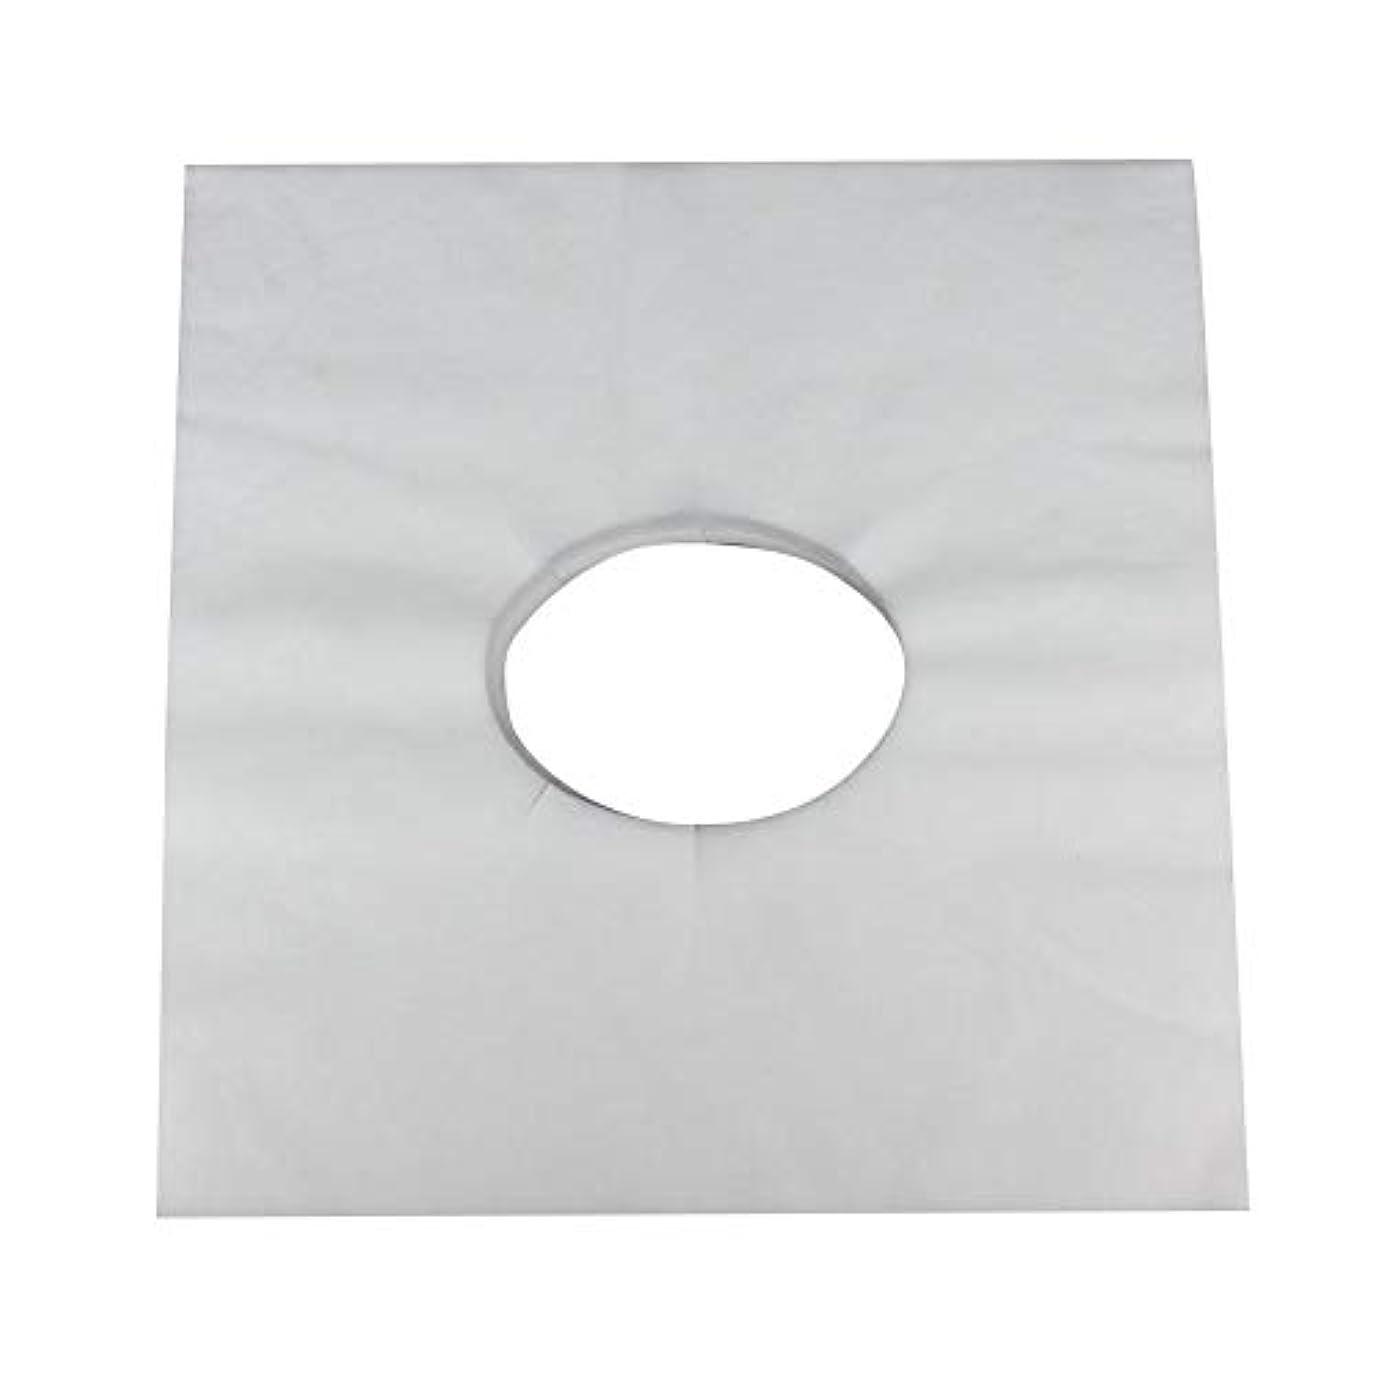 ピットうれしいスケッチマッサージのための使い捨て可能な美容院のベッドの表面穴カバー不織布マッサージテーブル枕カバー、100個(白)